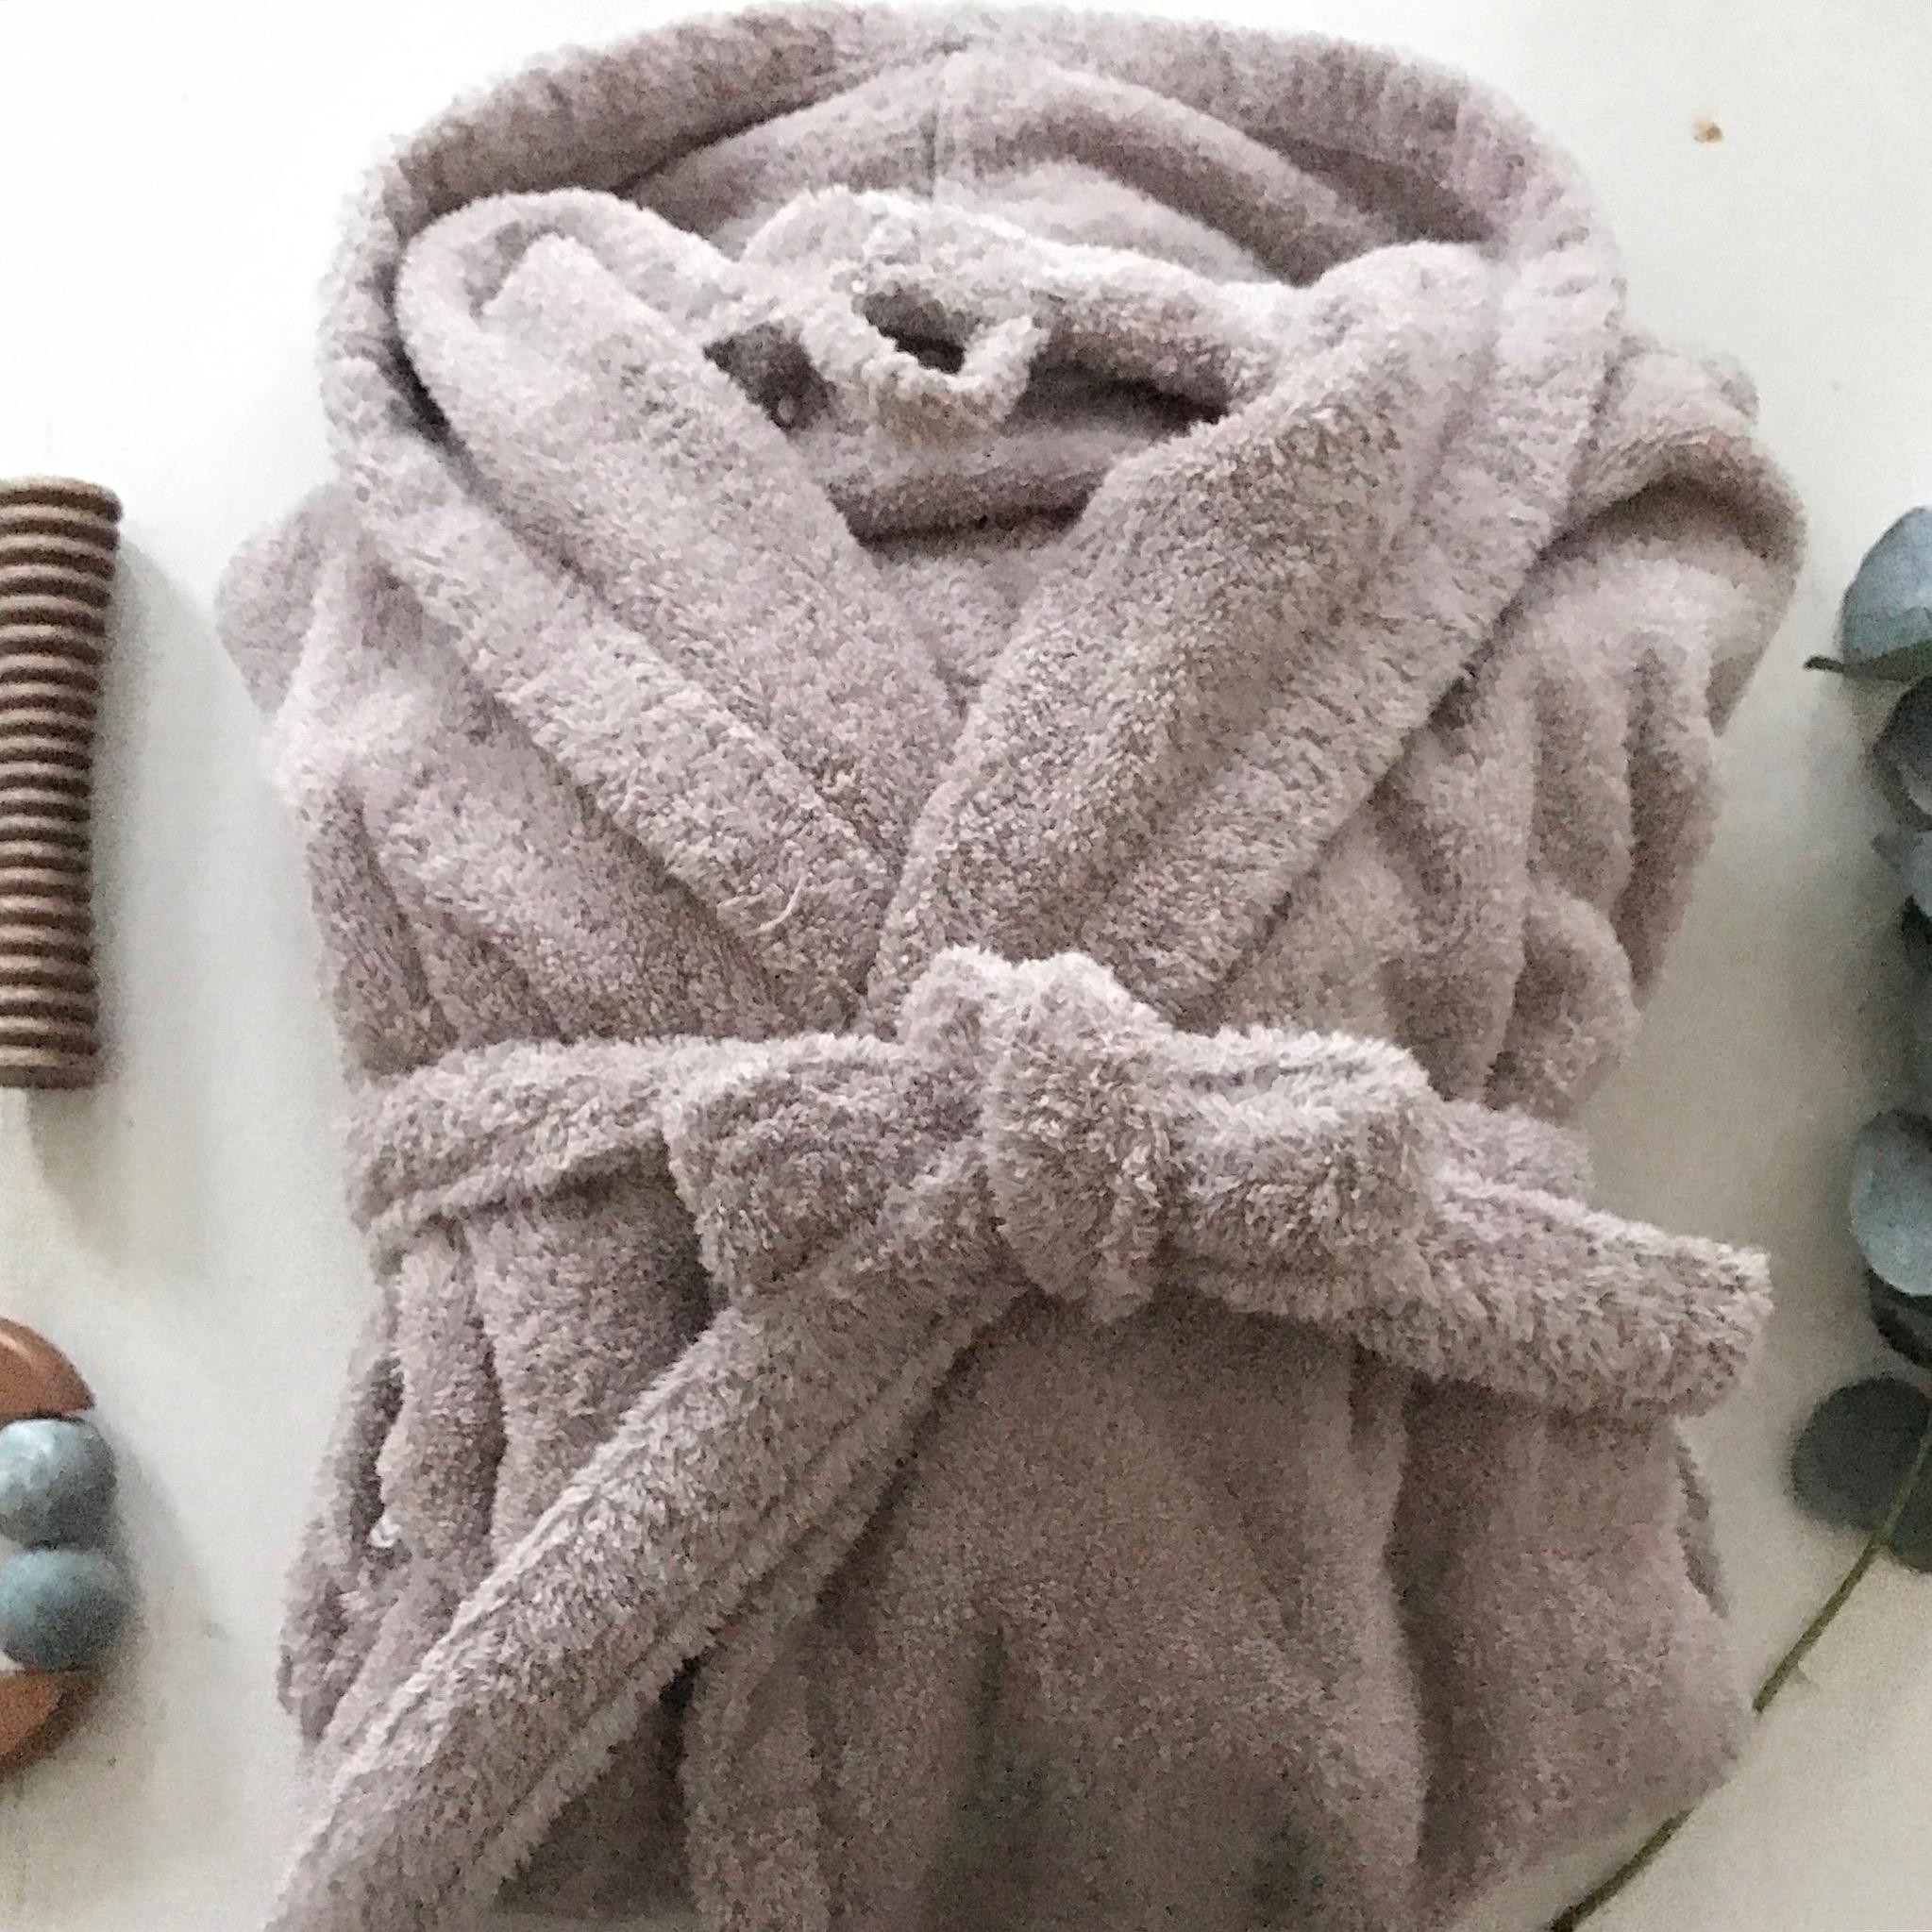 zu hause entspannen mit wellnow teilenamfreitag. Black Bedroom Furniture Sets. Home Design Ideas